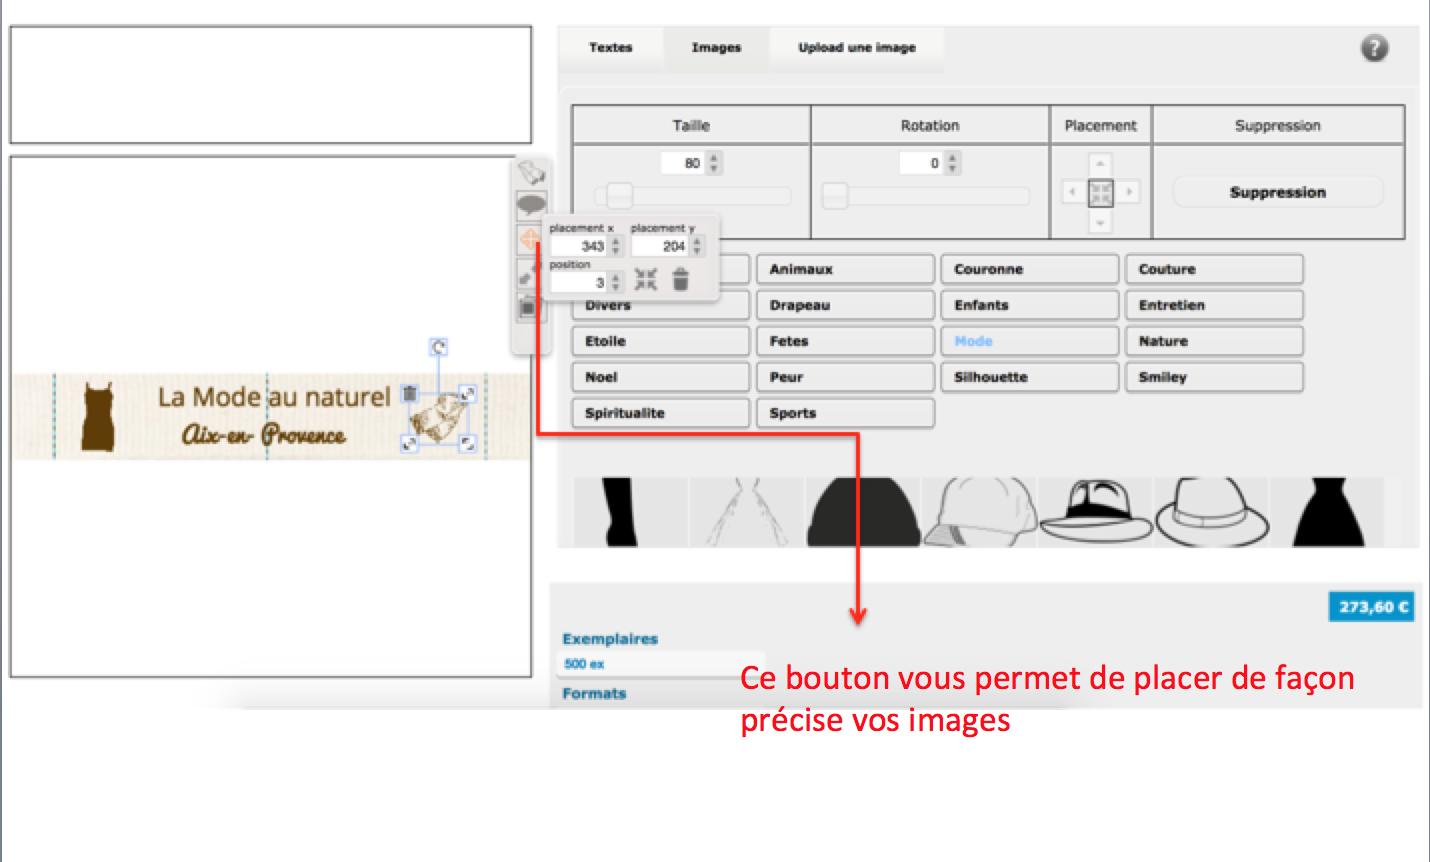 Pour optisier le placement de vos images sur votre étiquette personnalisée en coton